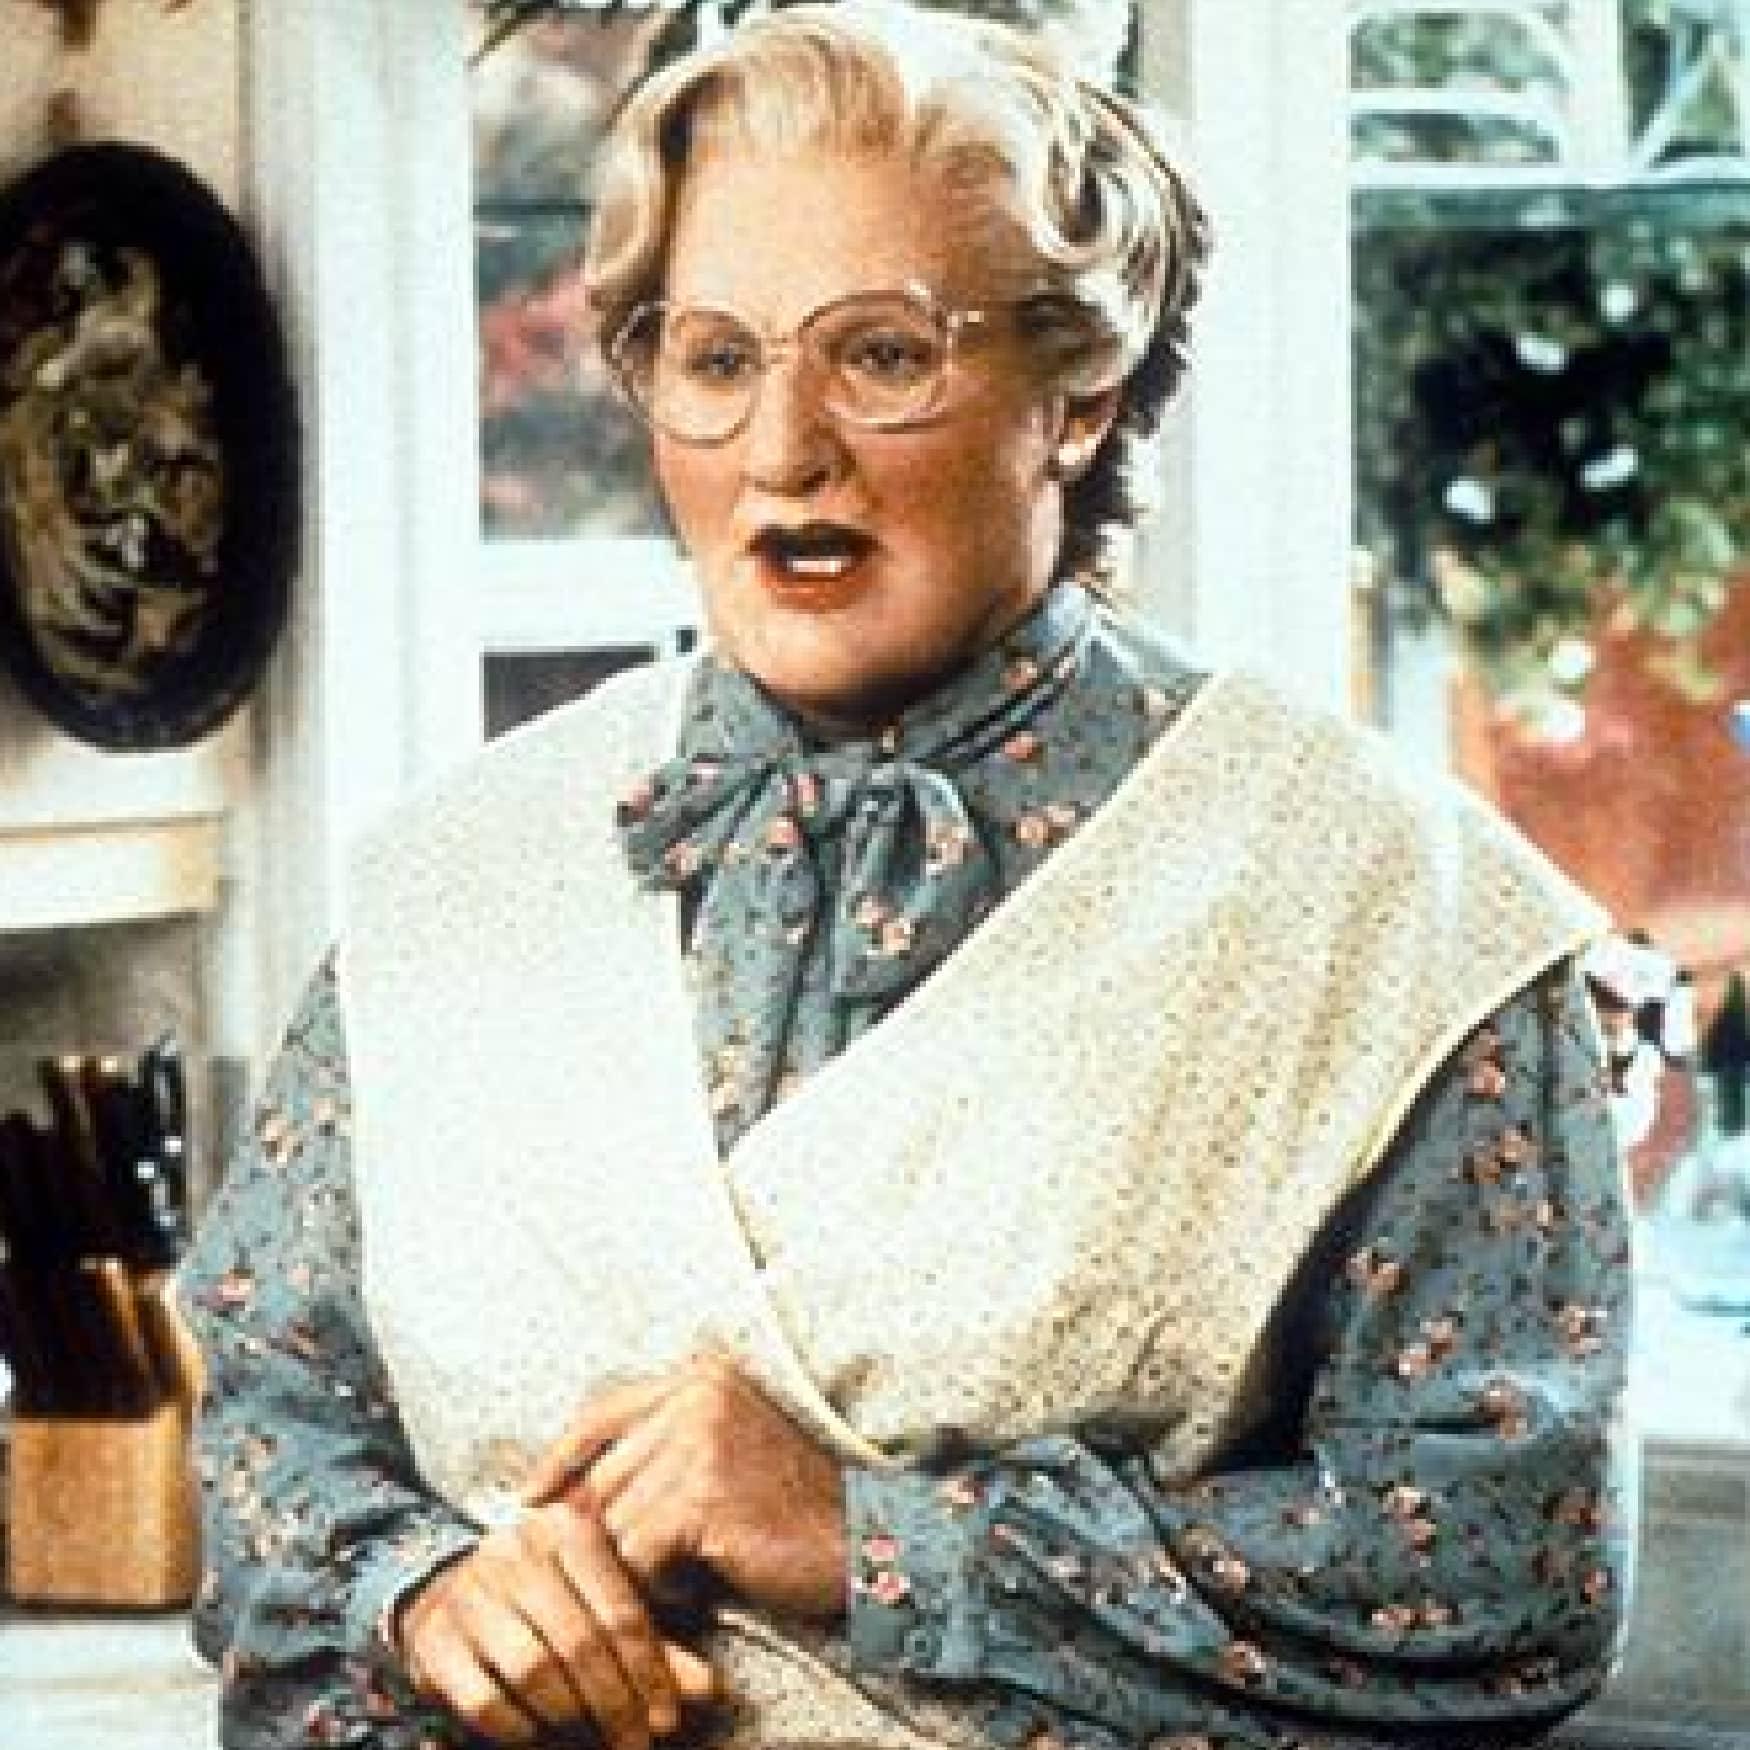 Mrs. Doubtfire 25th Anniversary